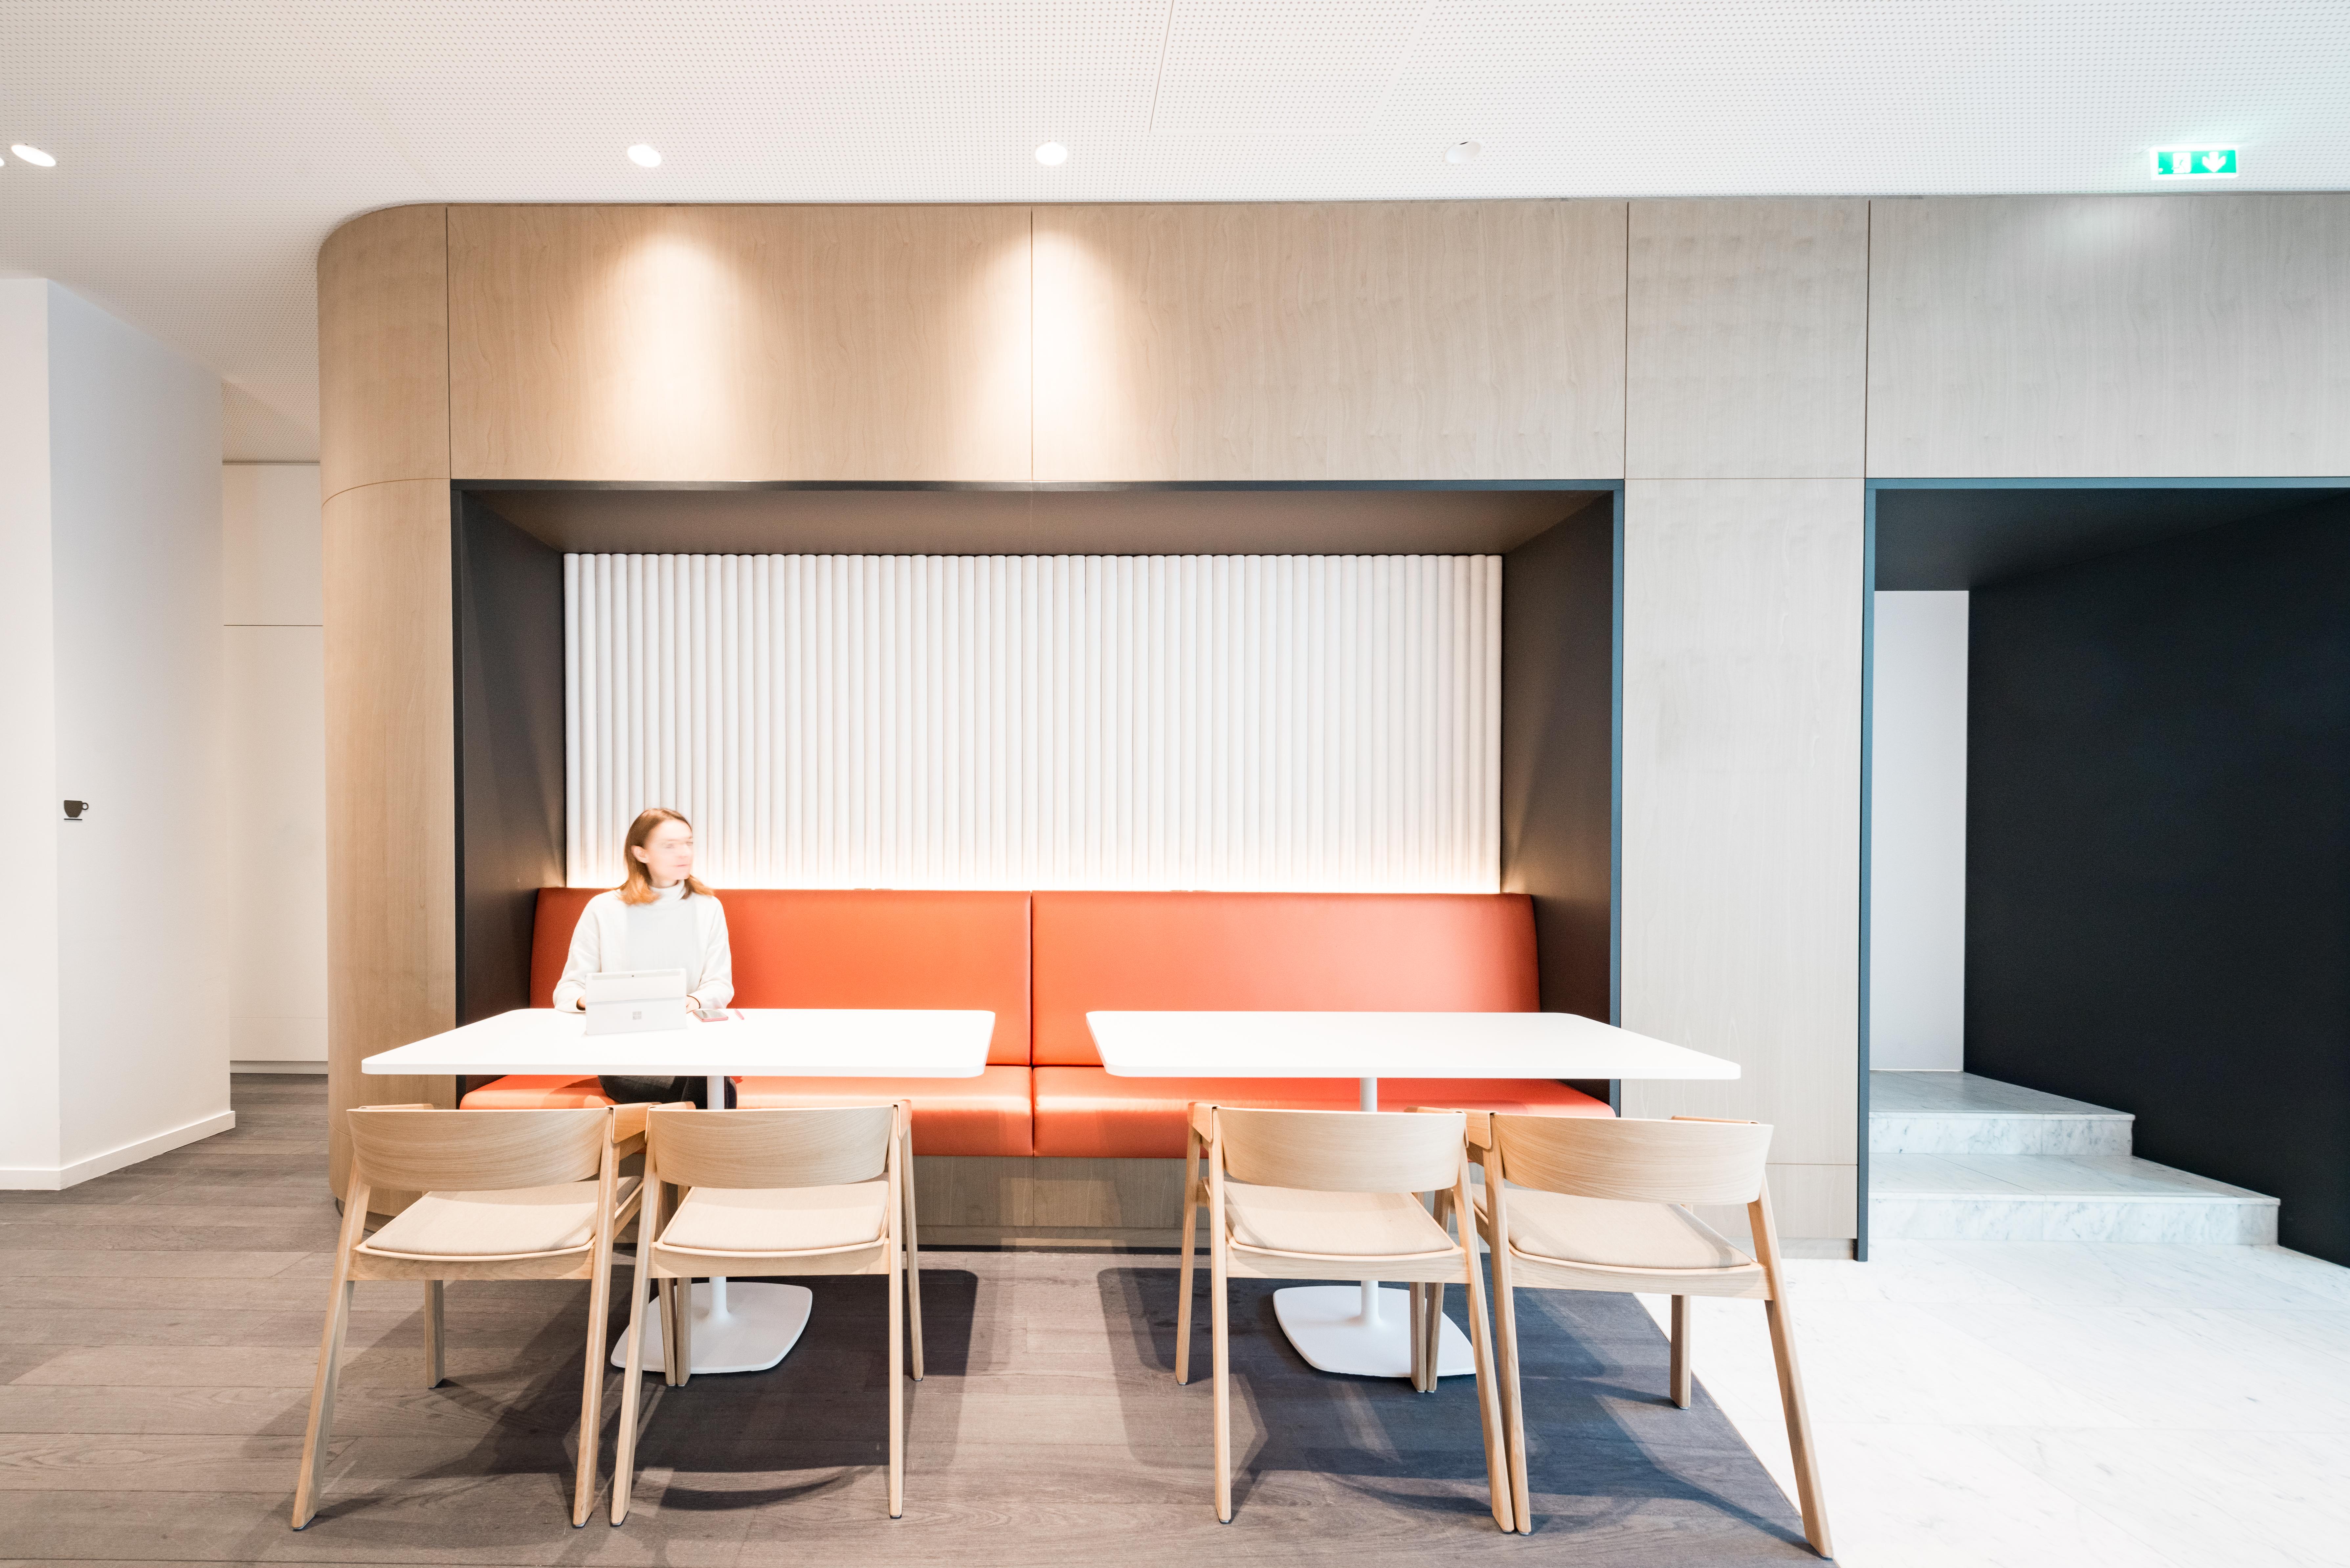 Aménagement d'un espace de restauration, repose - Réalisation UNOFI - Paris 1